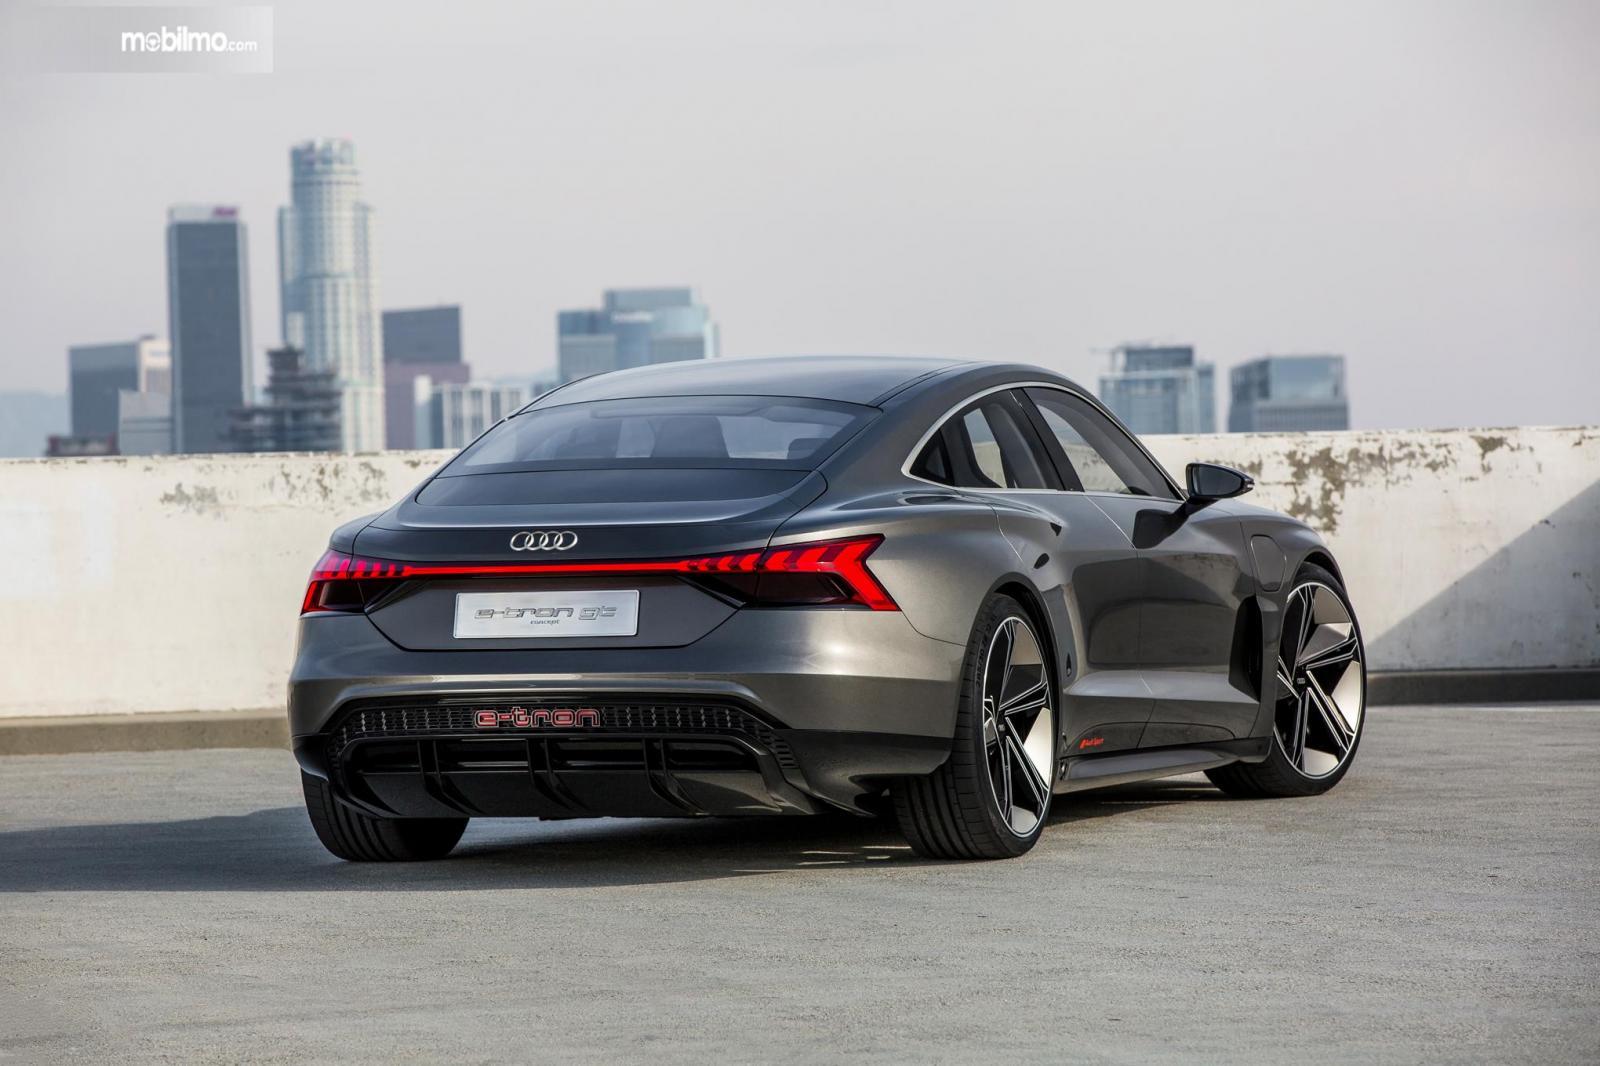 Gambar menunjukkan mobil Audi e-tron GT 2019 berwarna abu-abu dilihat dari sisi belakang